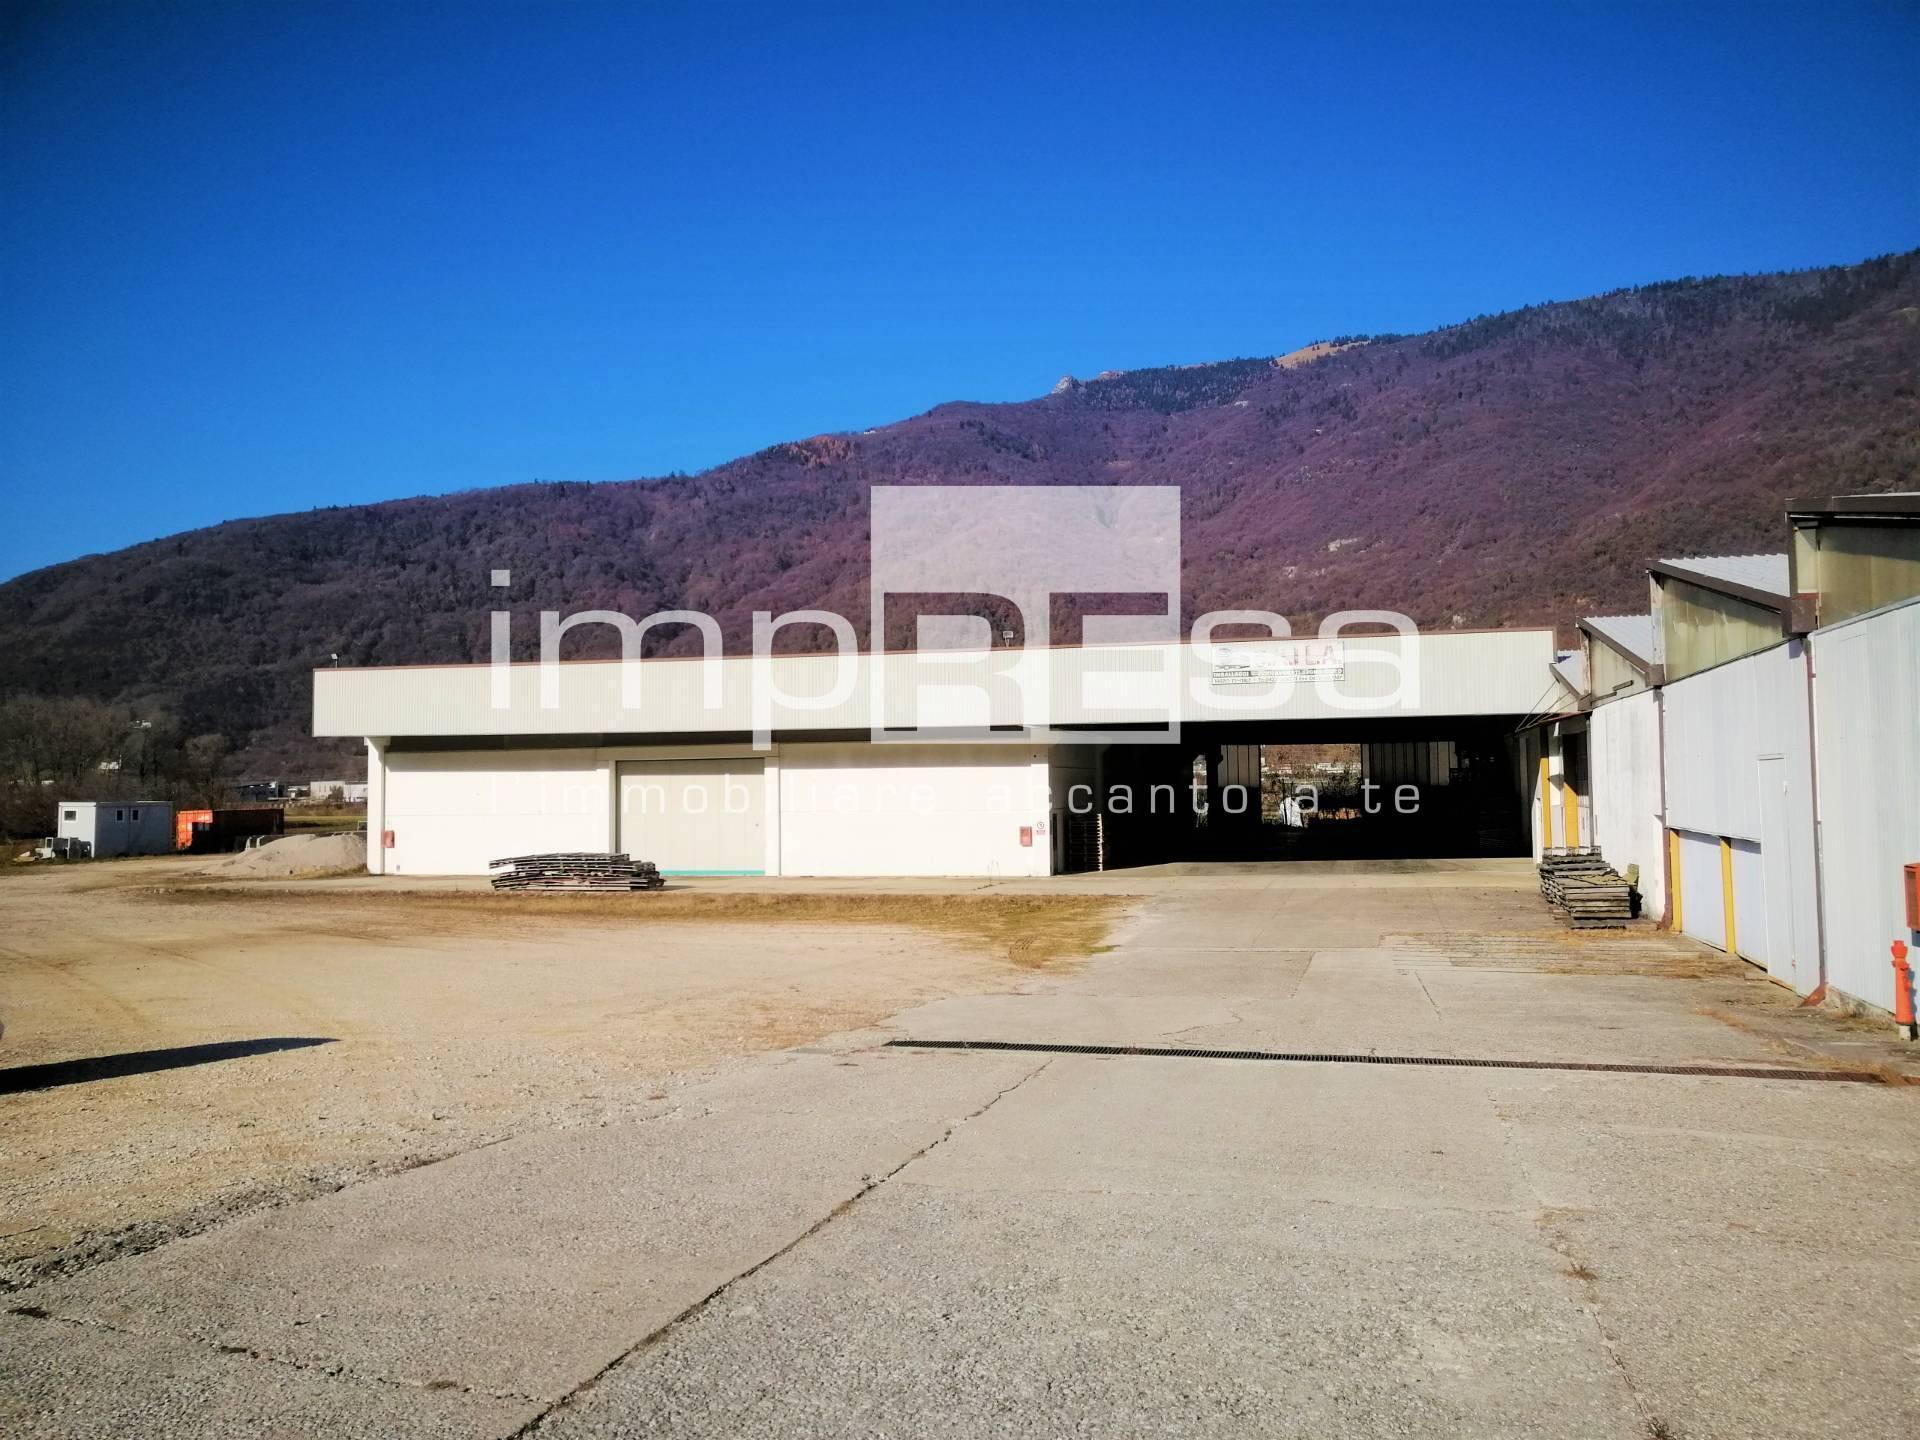 Capannone in vendita a Tarzo, 9999 locali, prezzo € 540.000 | CambioCasa.it